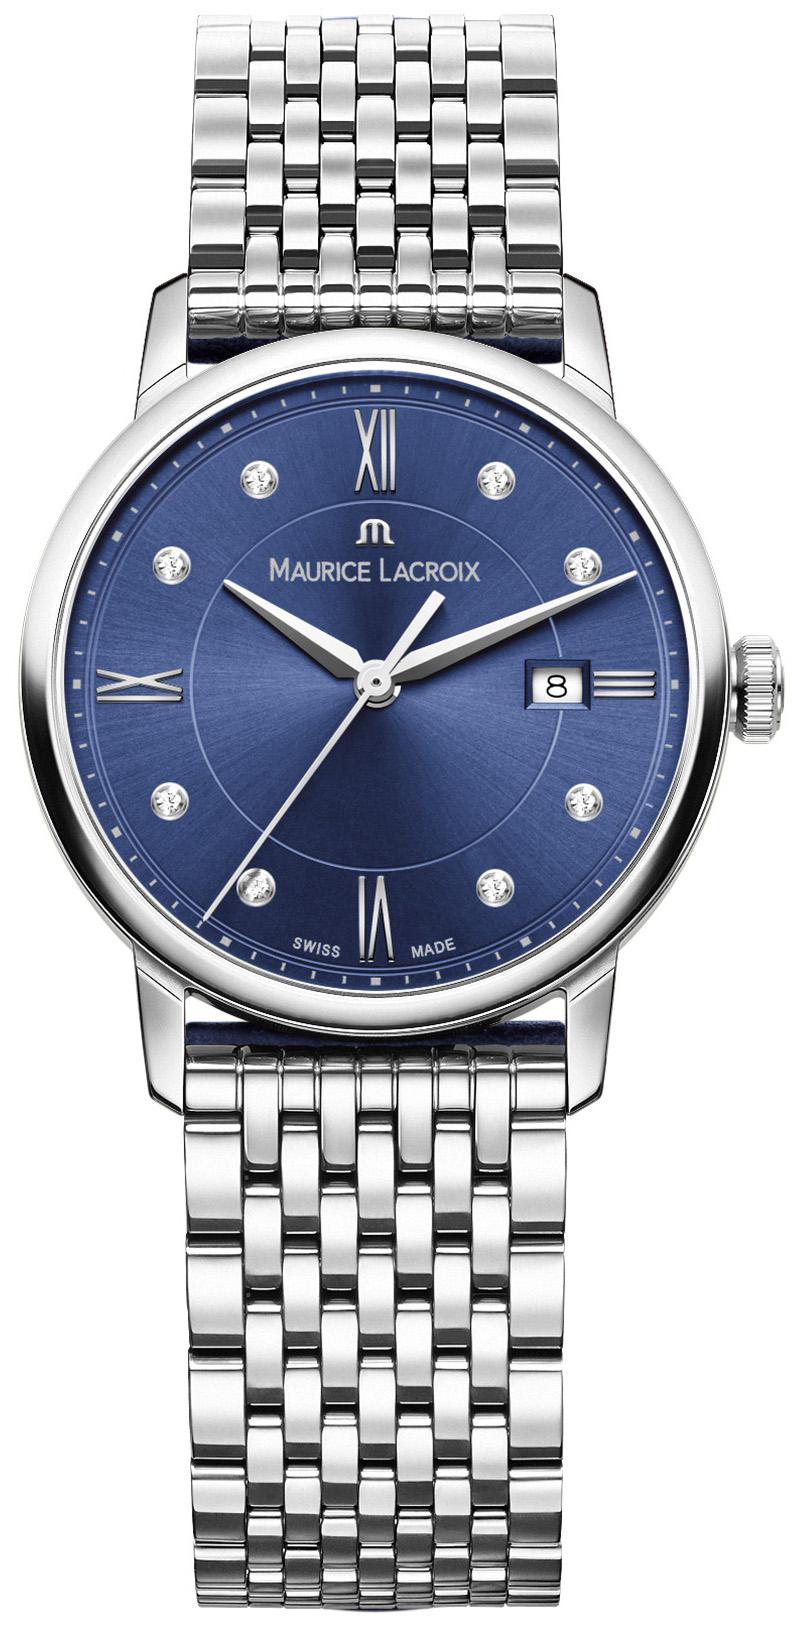 Lacroix Date Lacroix Date Ladies Maurice Maurice Maurice Eliros Eliros Ladies Lacroix vmyN0wO8n